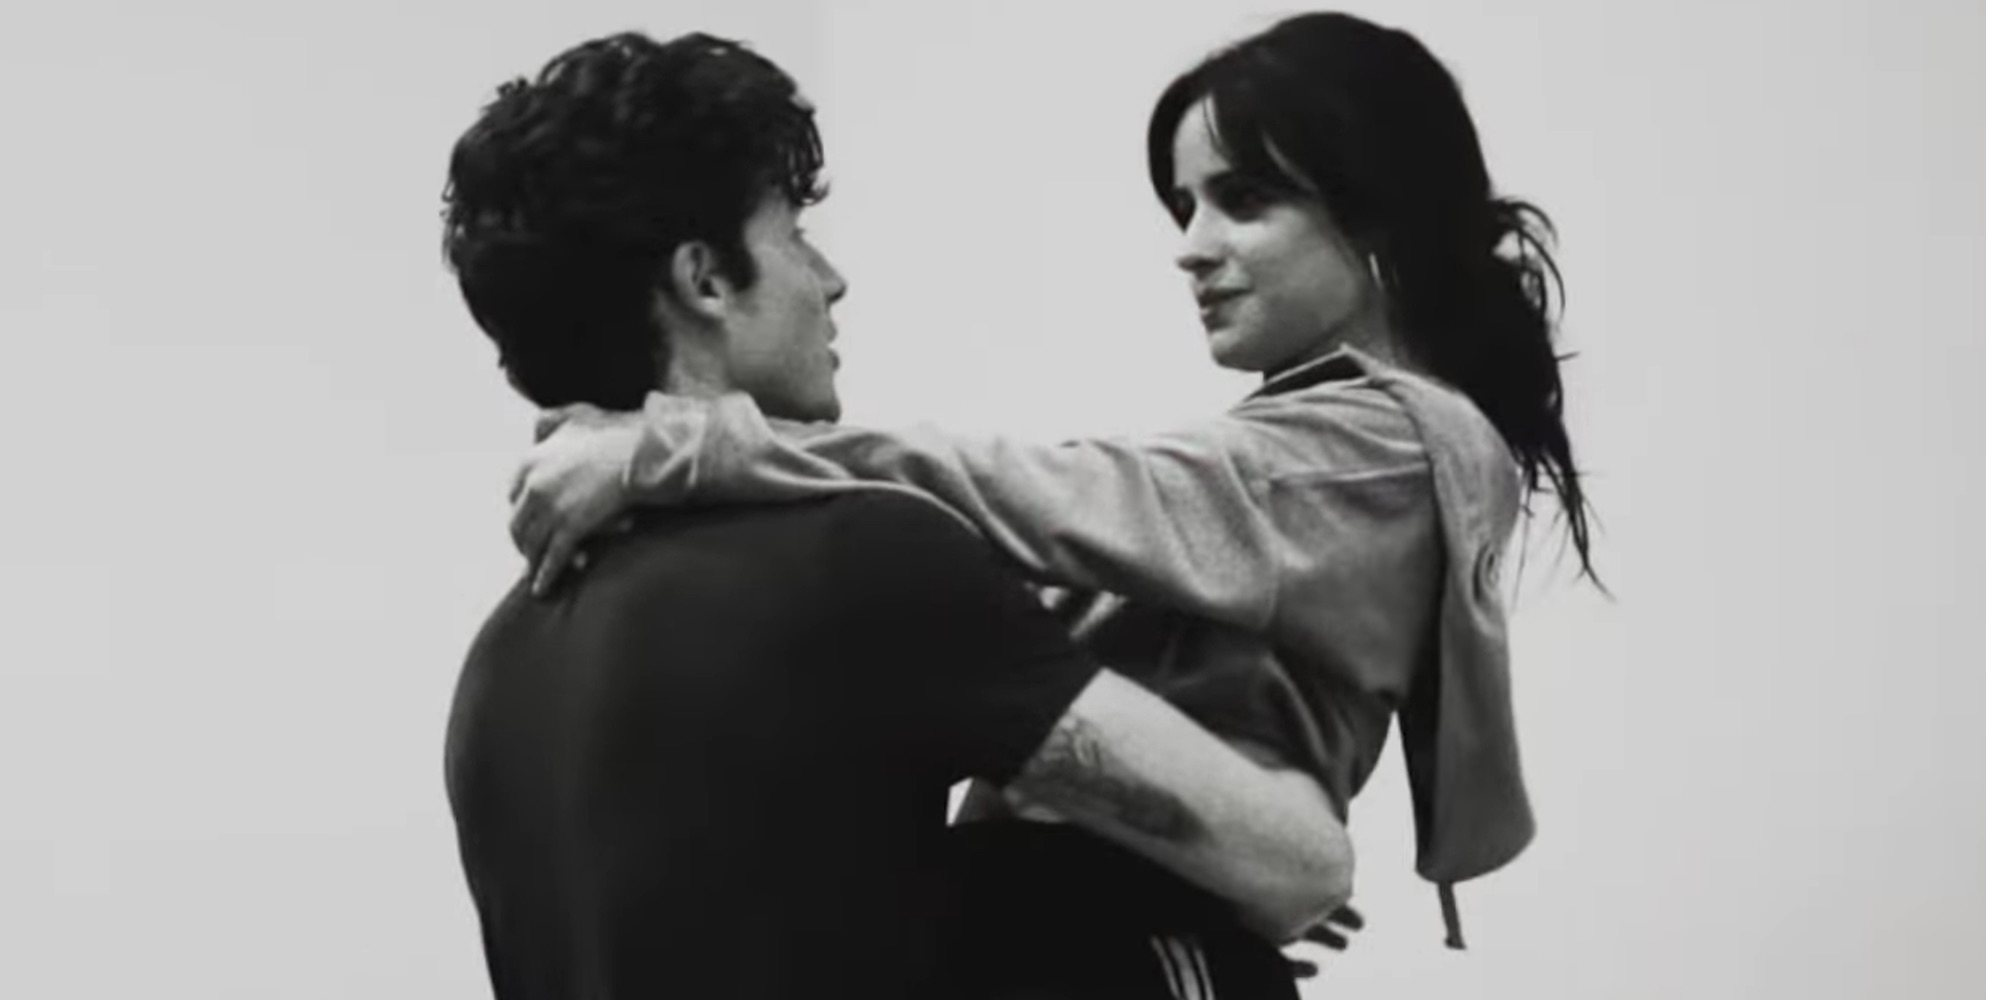 El apasionado vídeo de Camila Cabello y Shawn Mendes ensayando el baile de su canción 'Señorita'